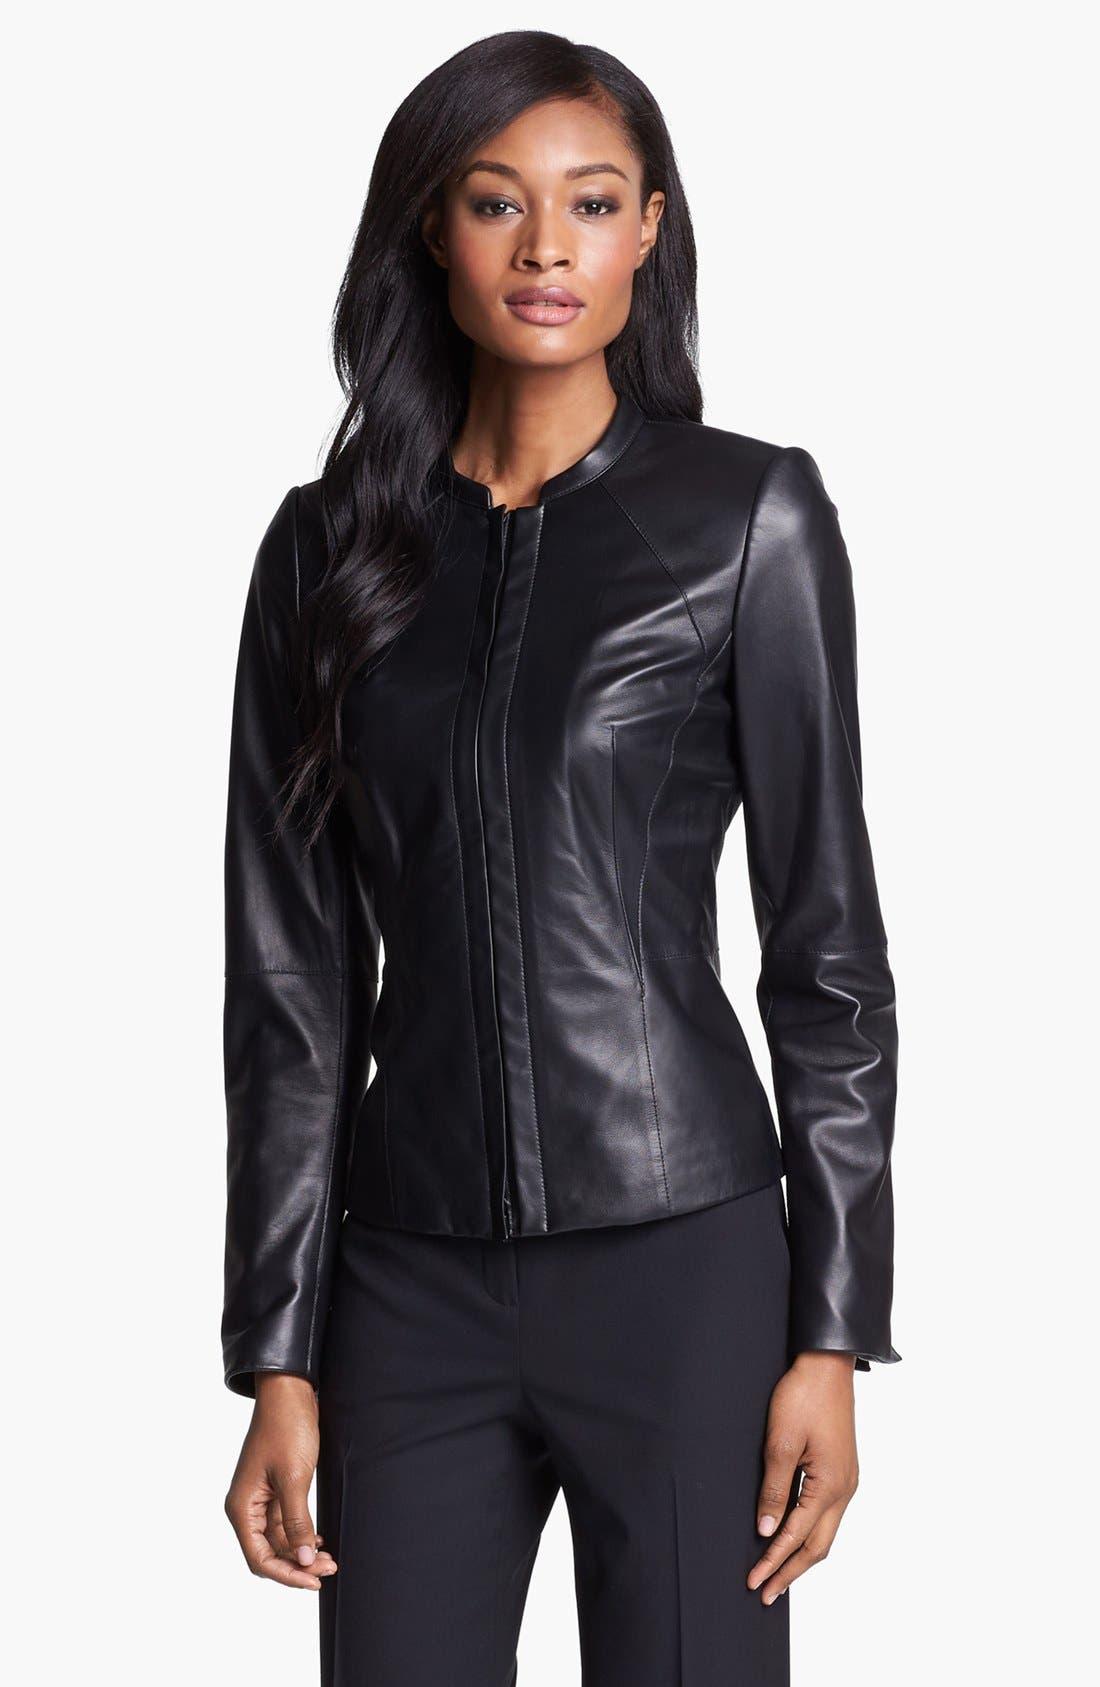 Alternate Image 1 Selected - Lafayette 148 New York 'Velvet' Lambskin Leather Jacket